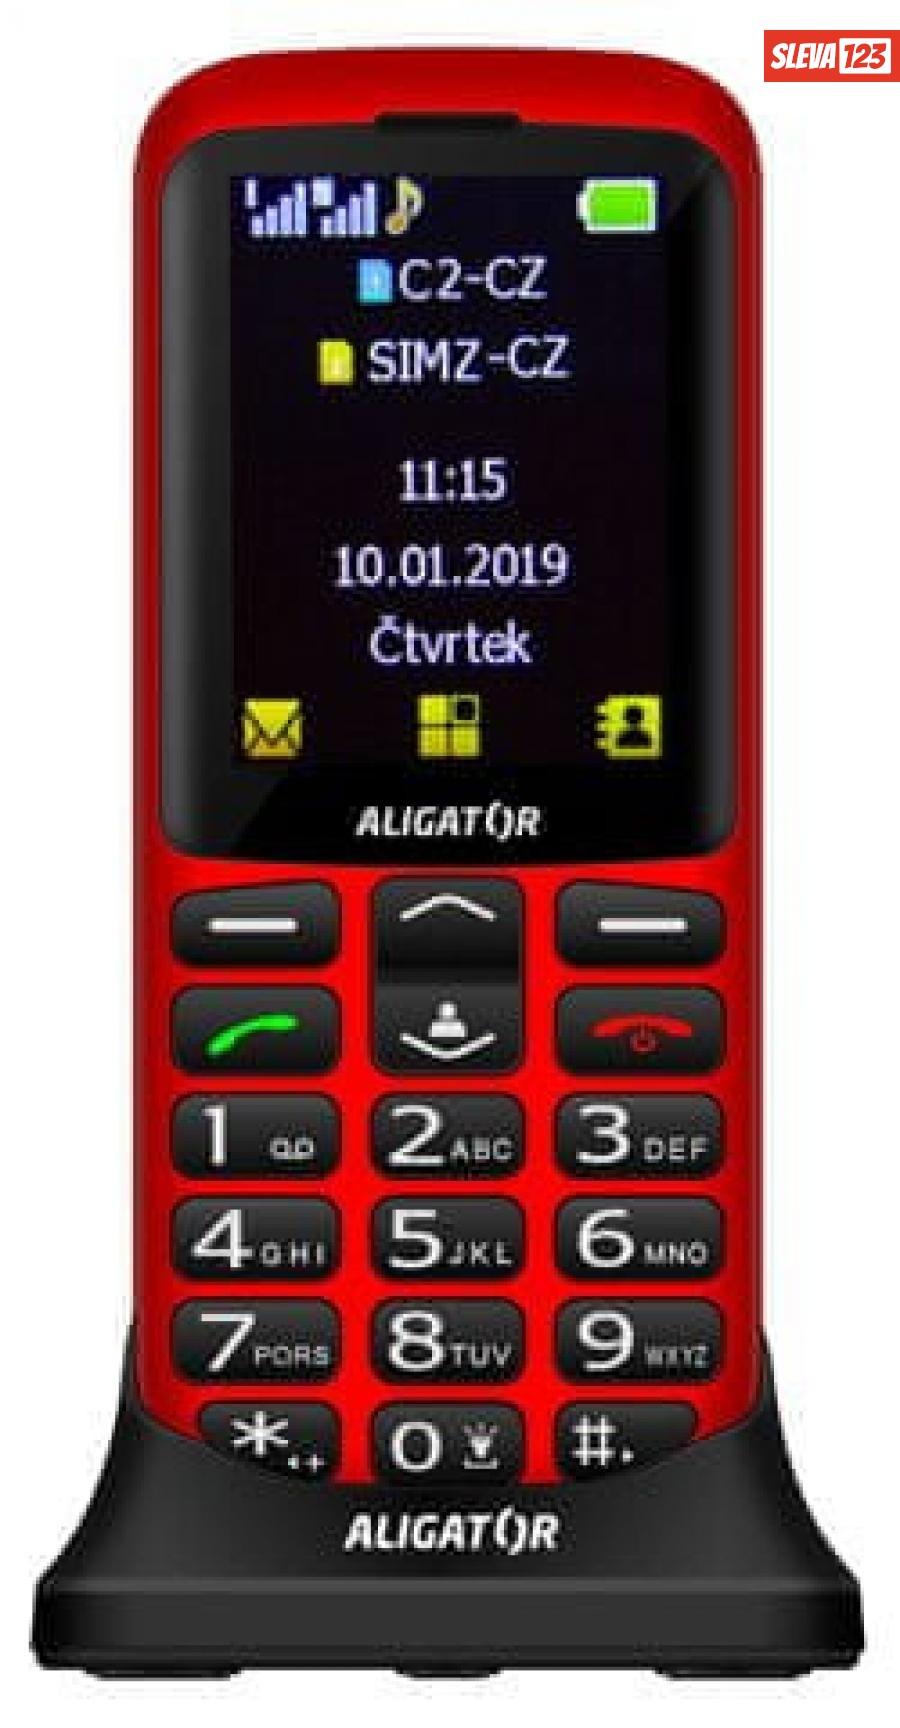 Aligator A700 Senior červený   stol. nab. - zánovní